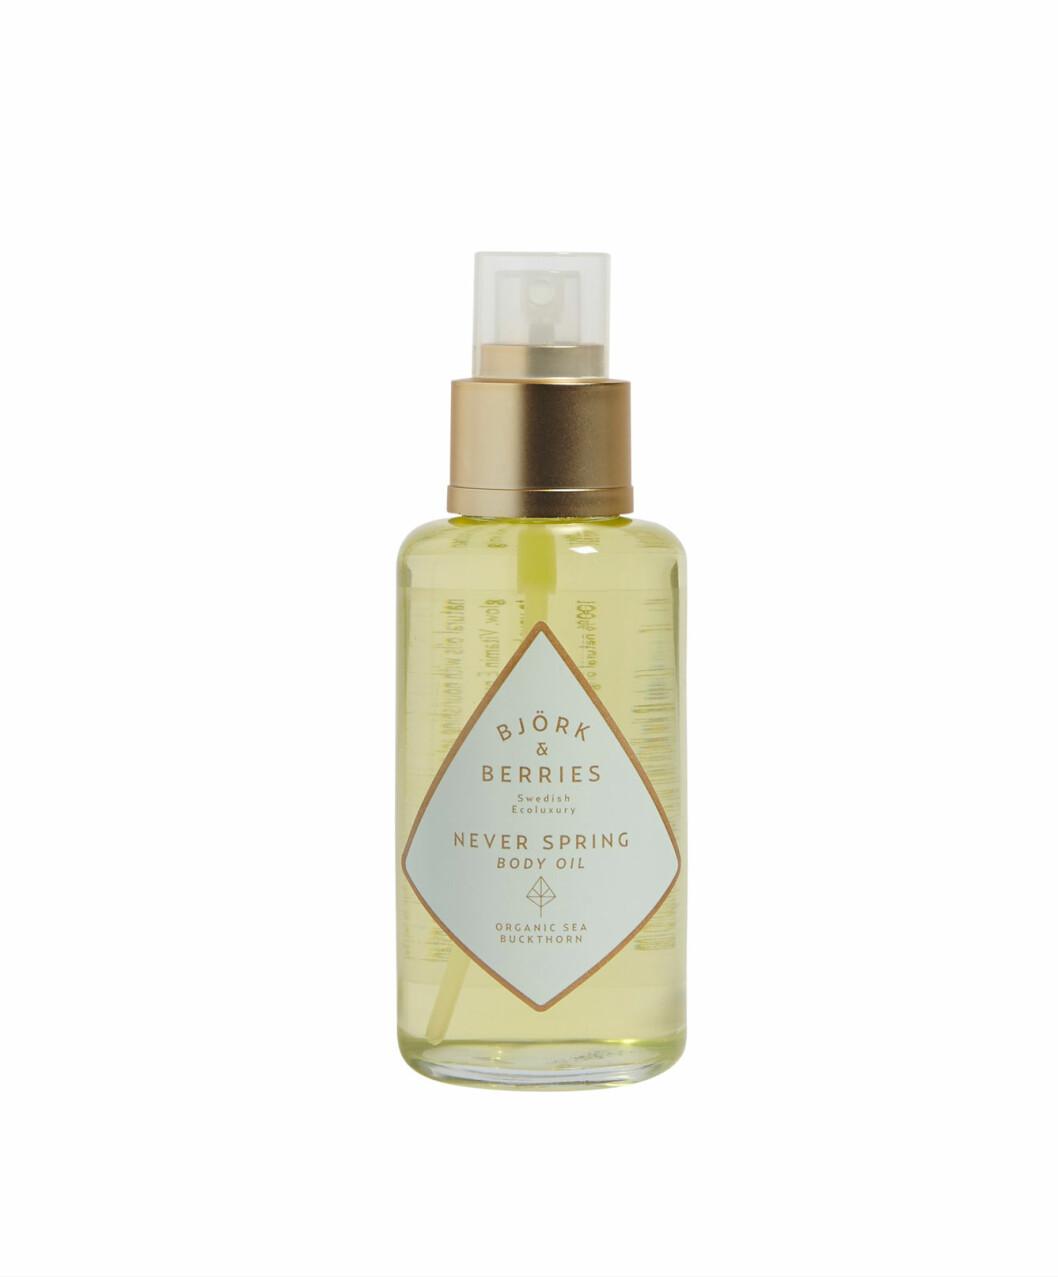 Never spring body oil från Björk & Berries